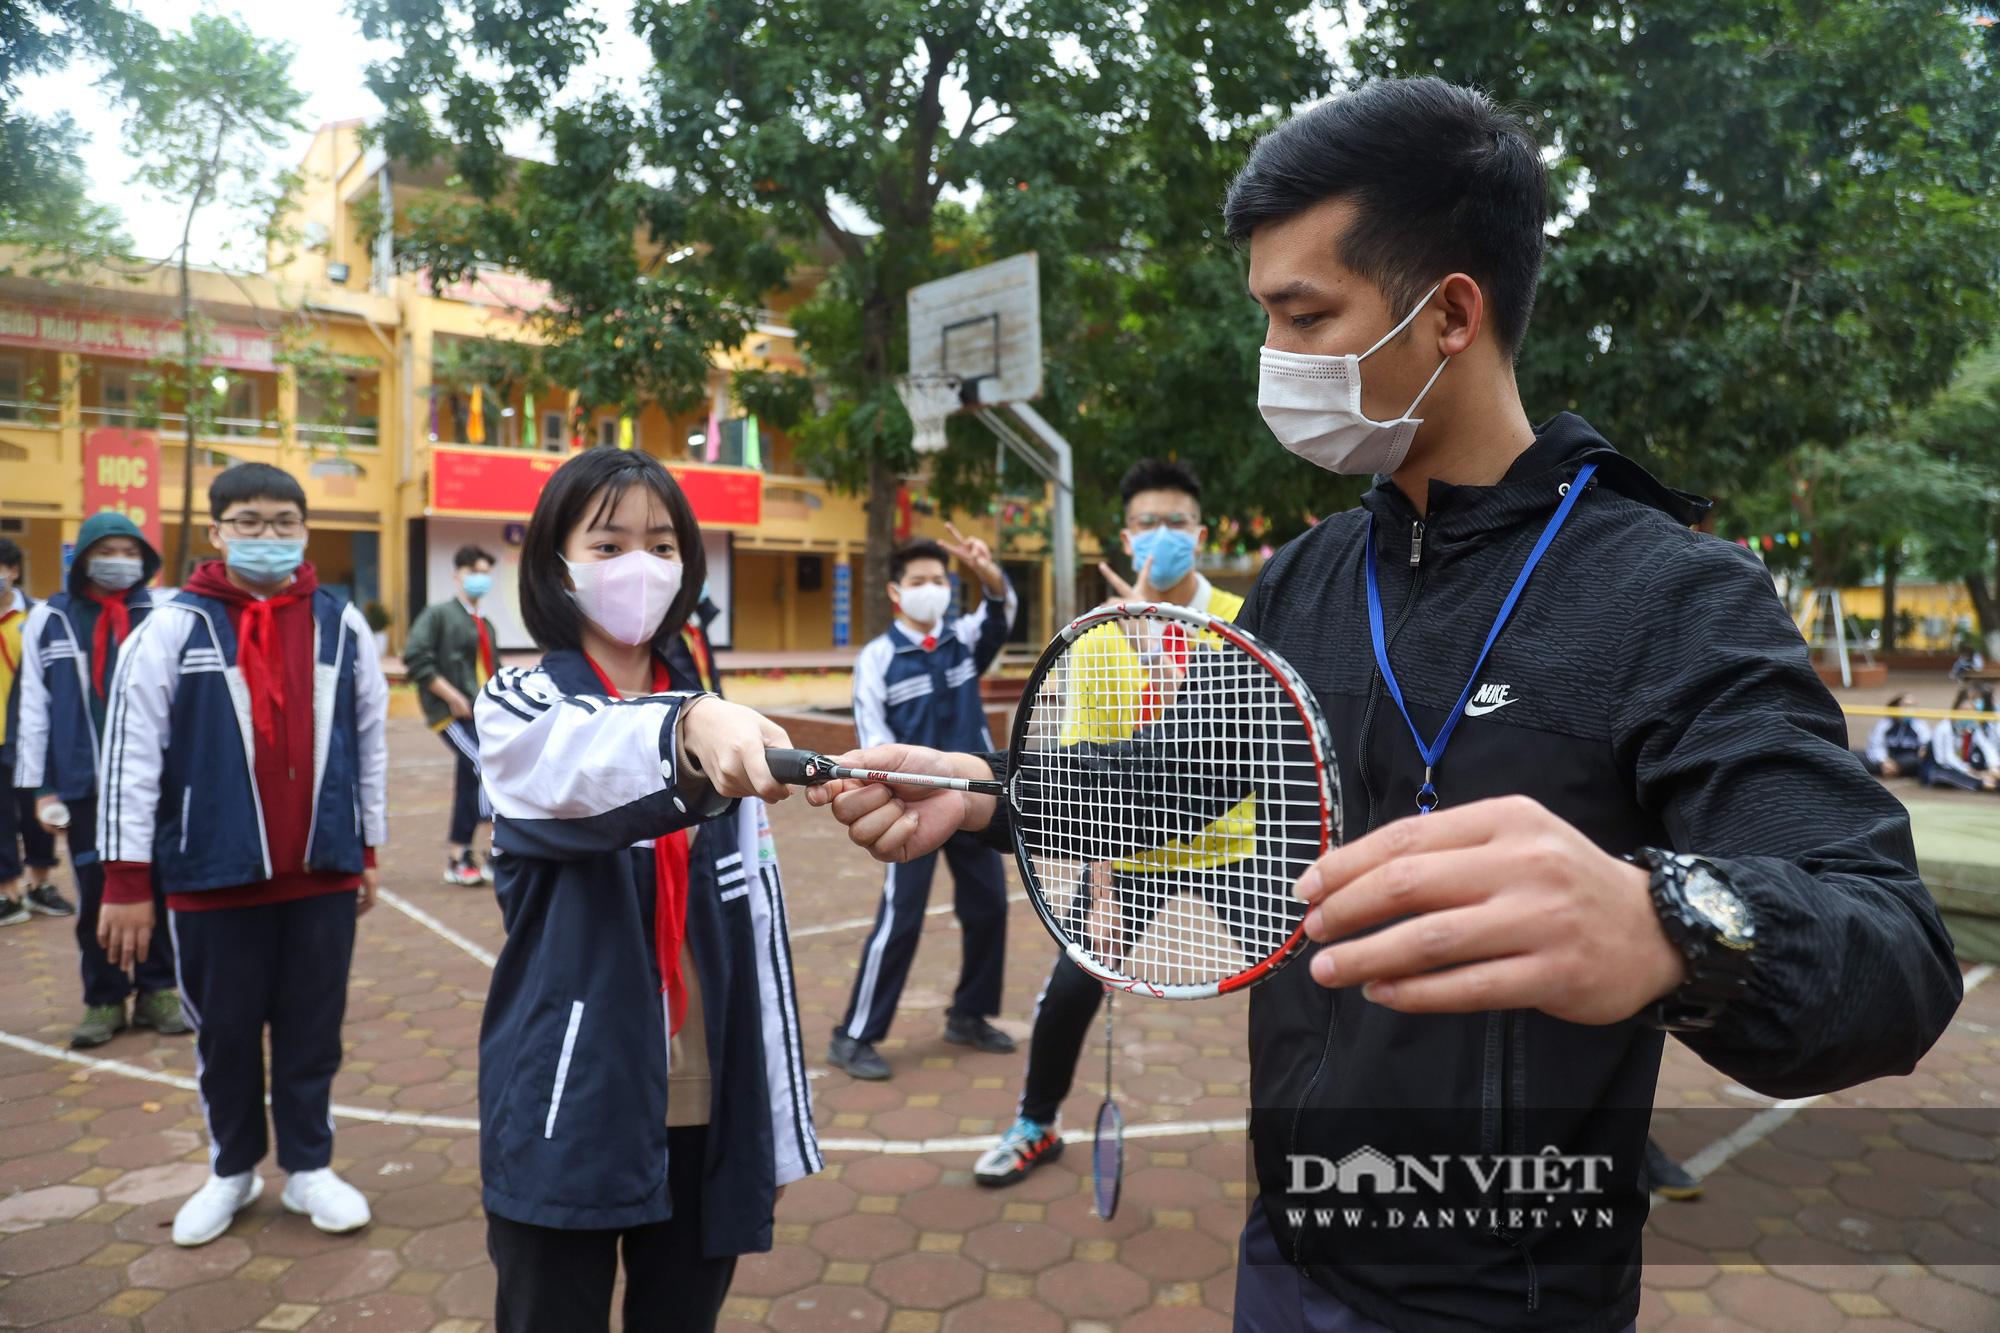 Đi học trở lại sau 30 ngày nghỉ Tết, học sinh Hà Nội được nhận lì xì - Ảnh 13.